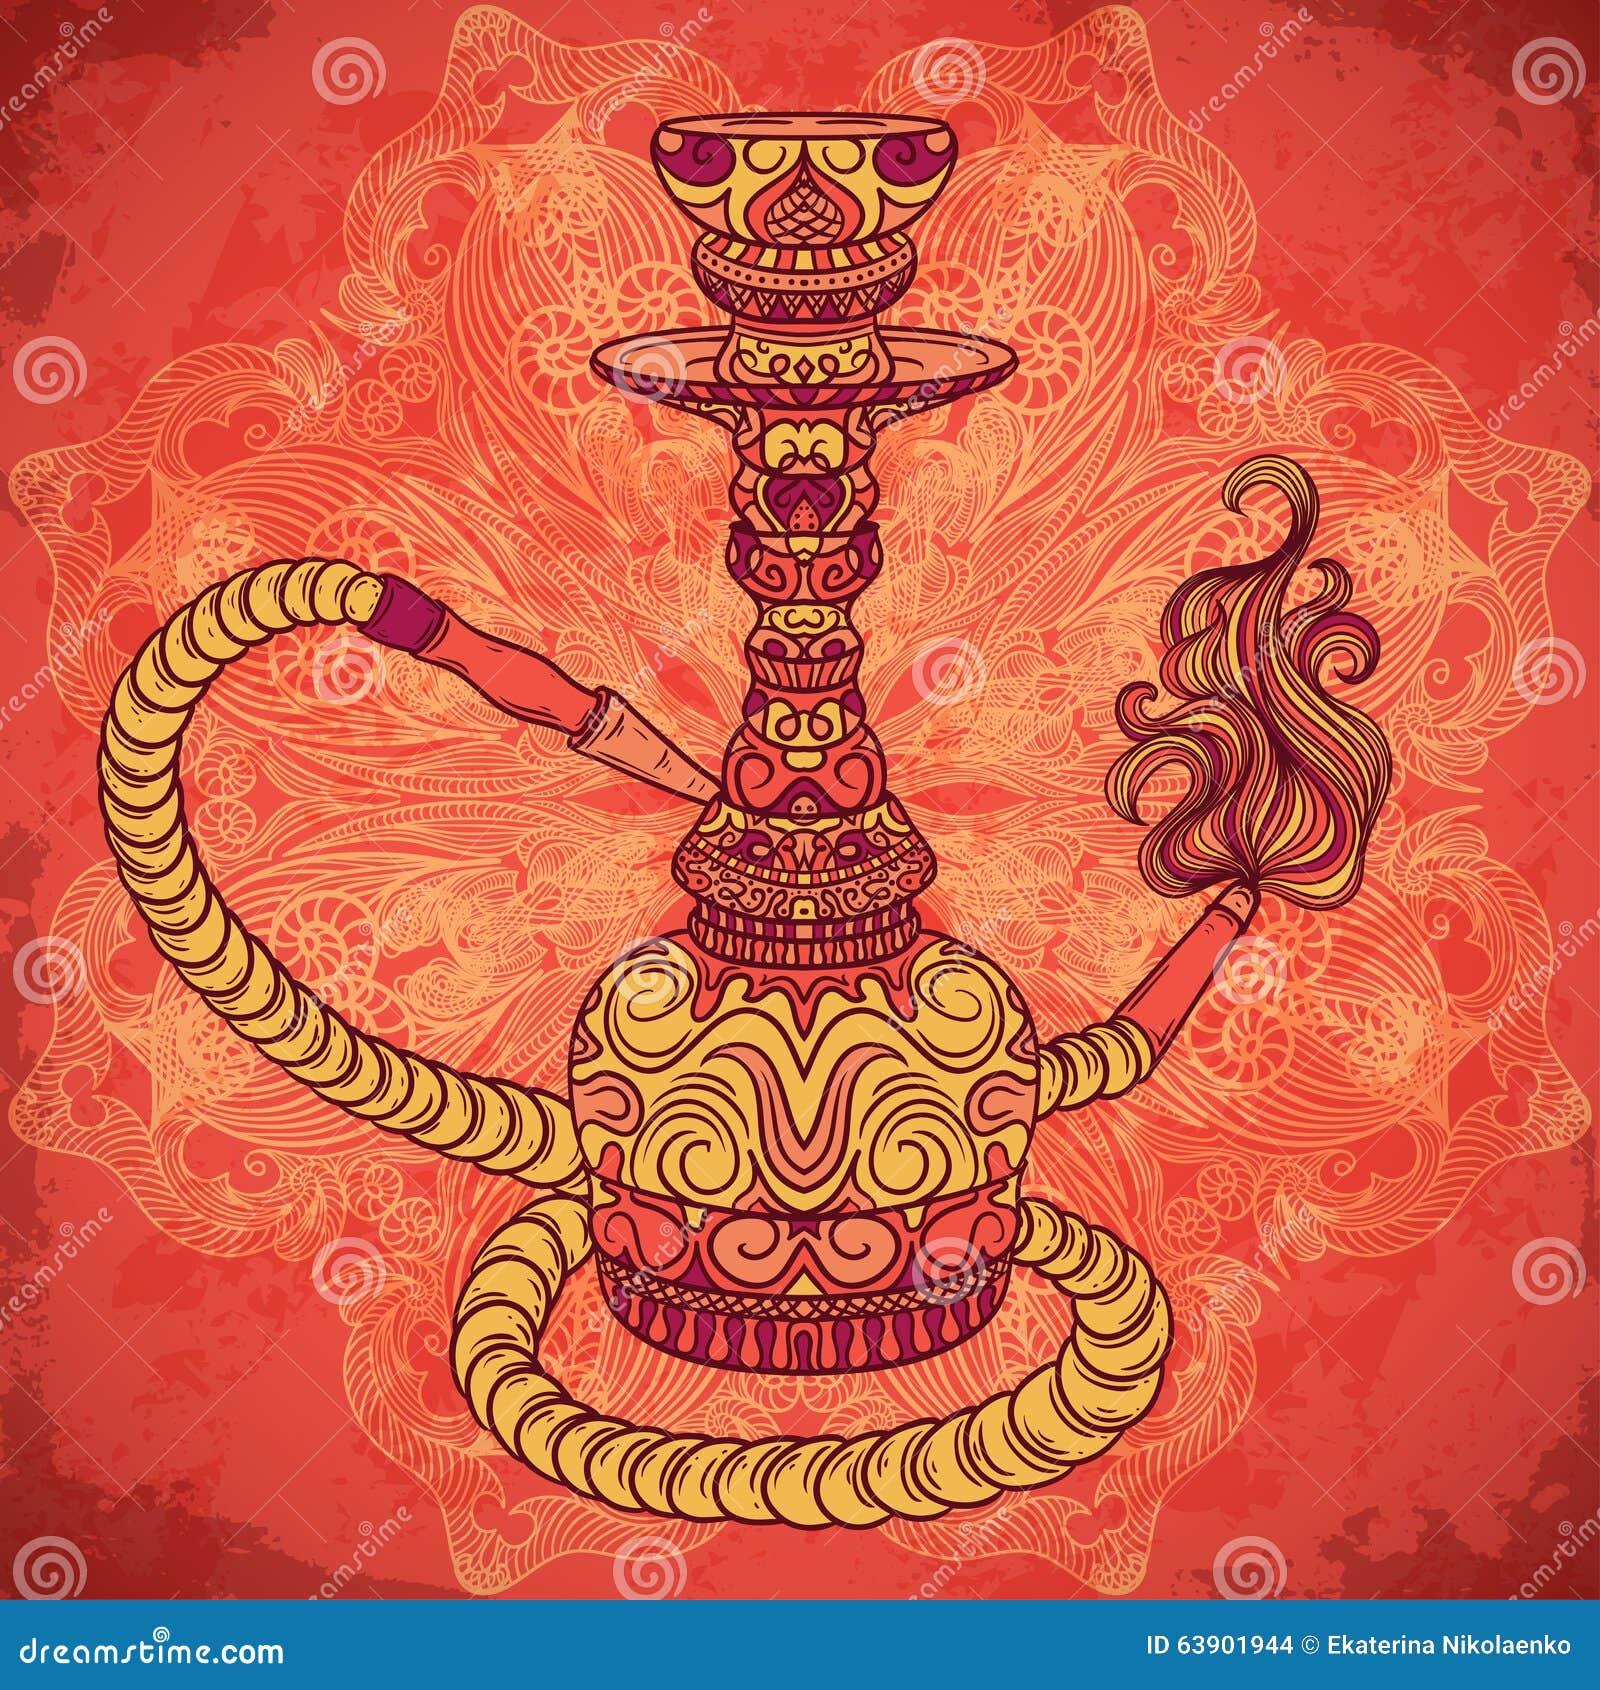 Кальян с восточным орнаментом и дым над картиной богато украшенной мандалы круглой